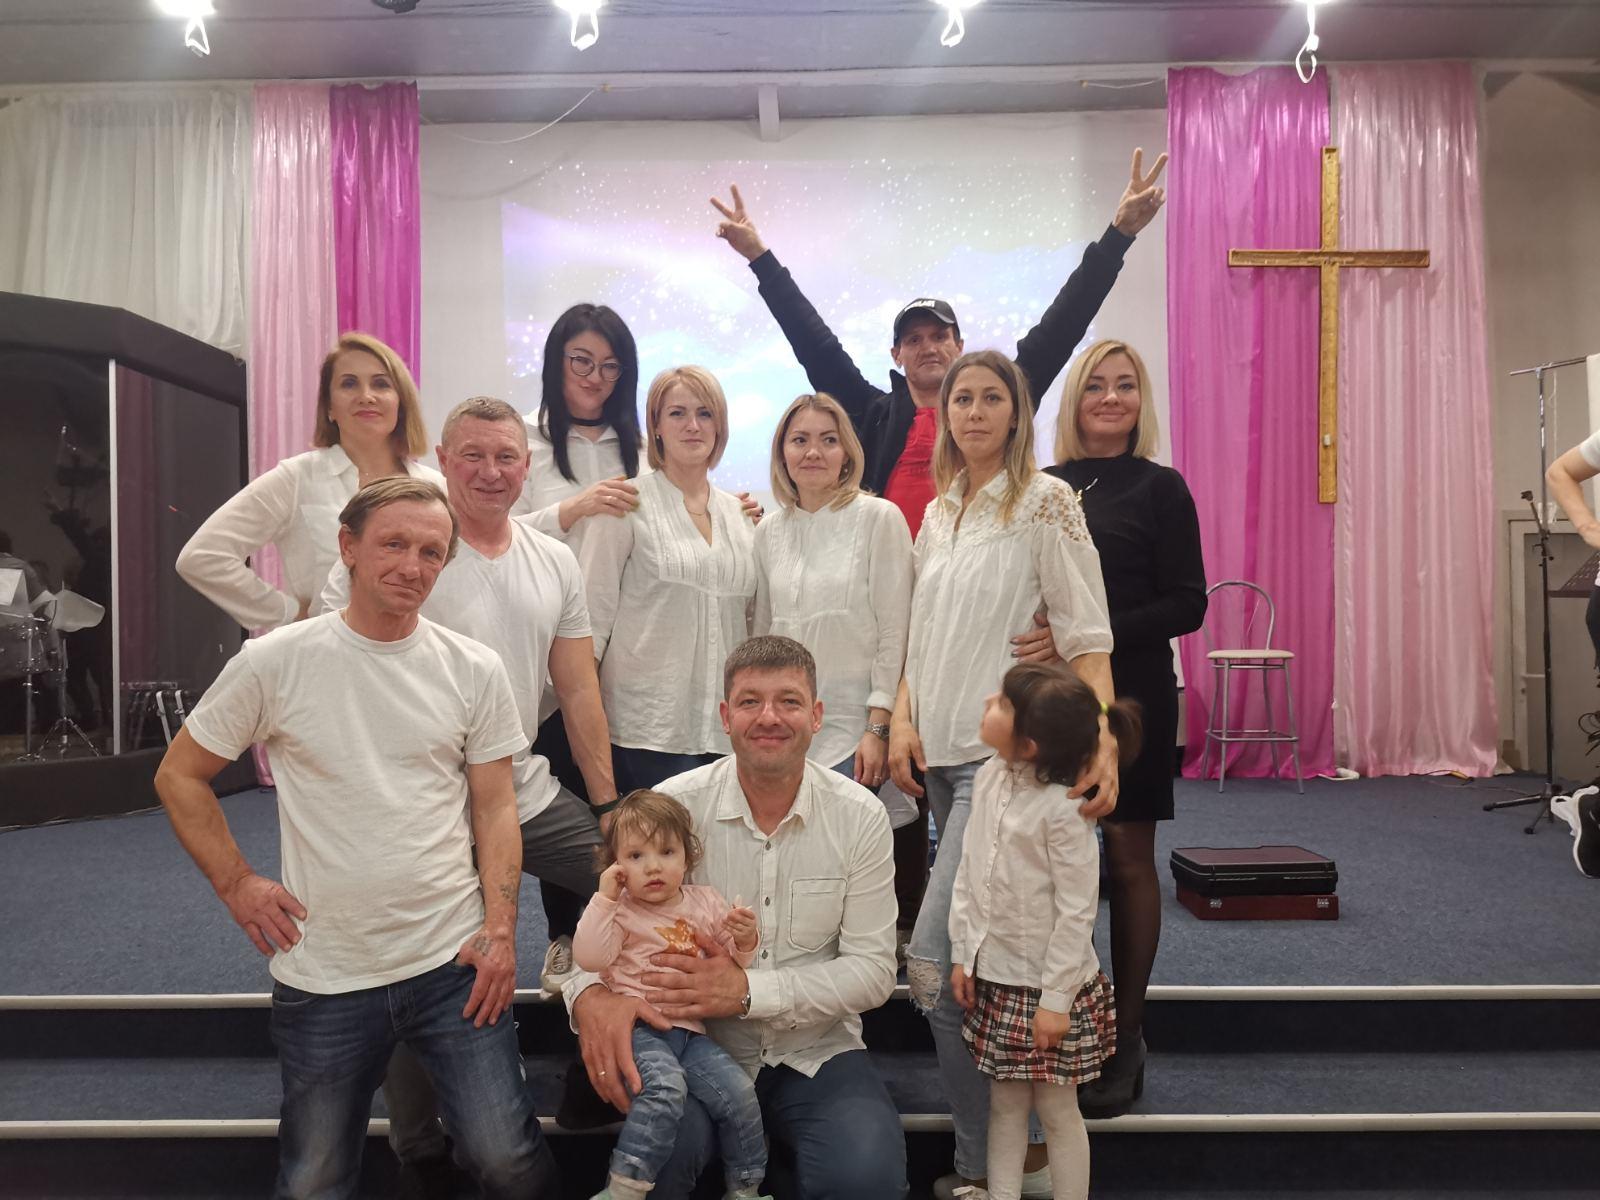 День рождение церкви.